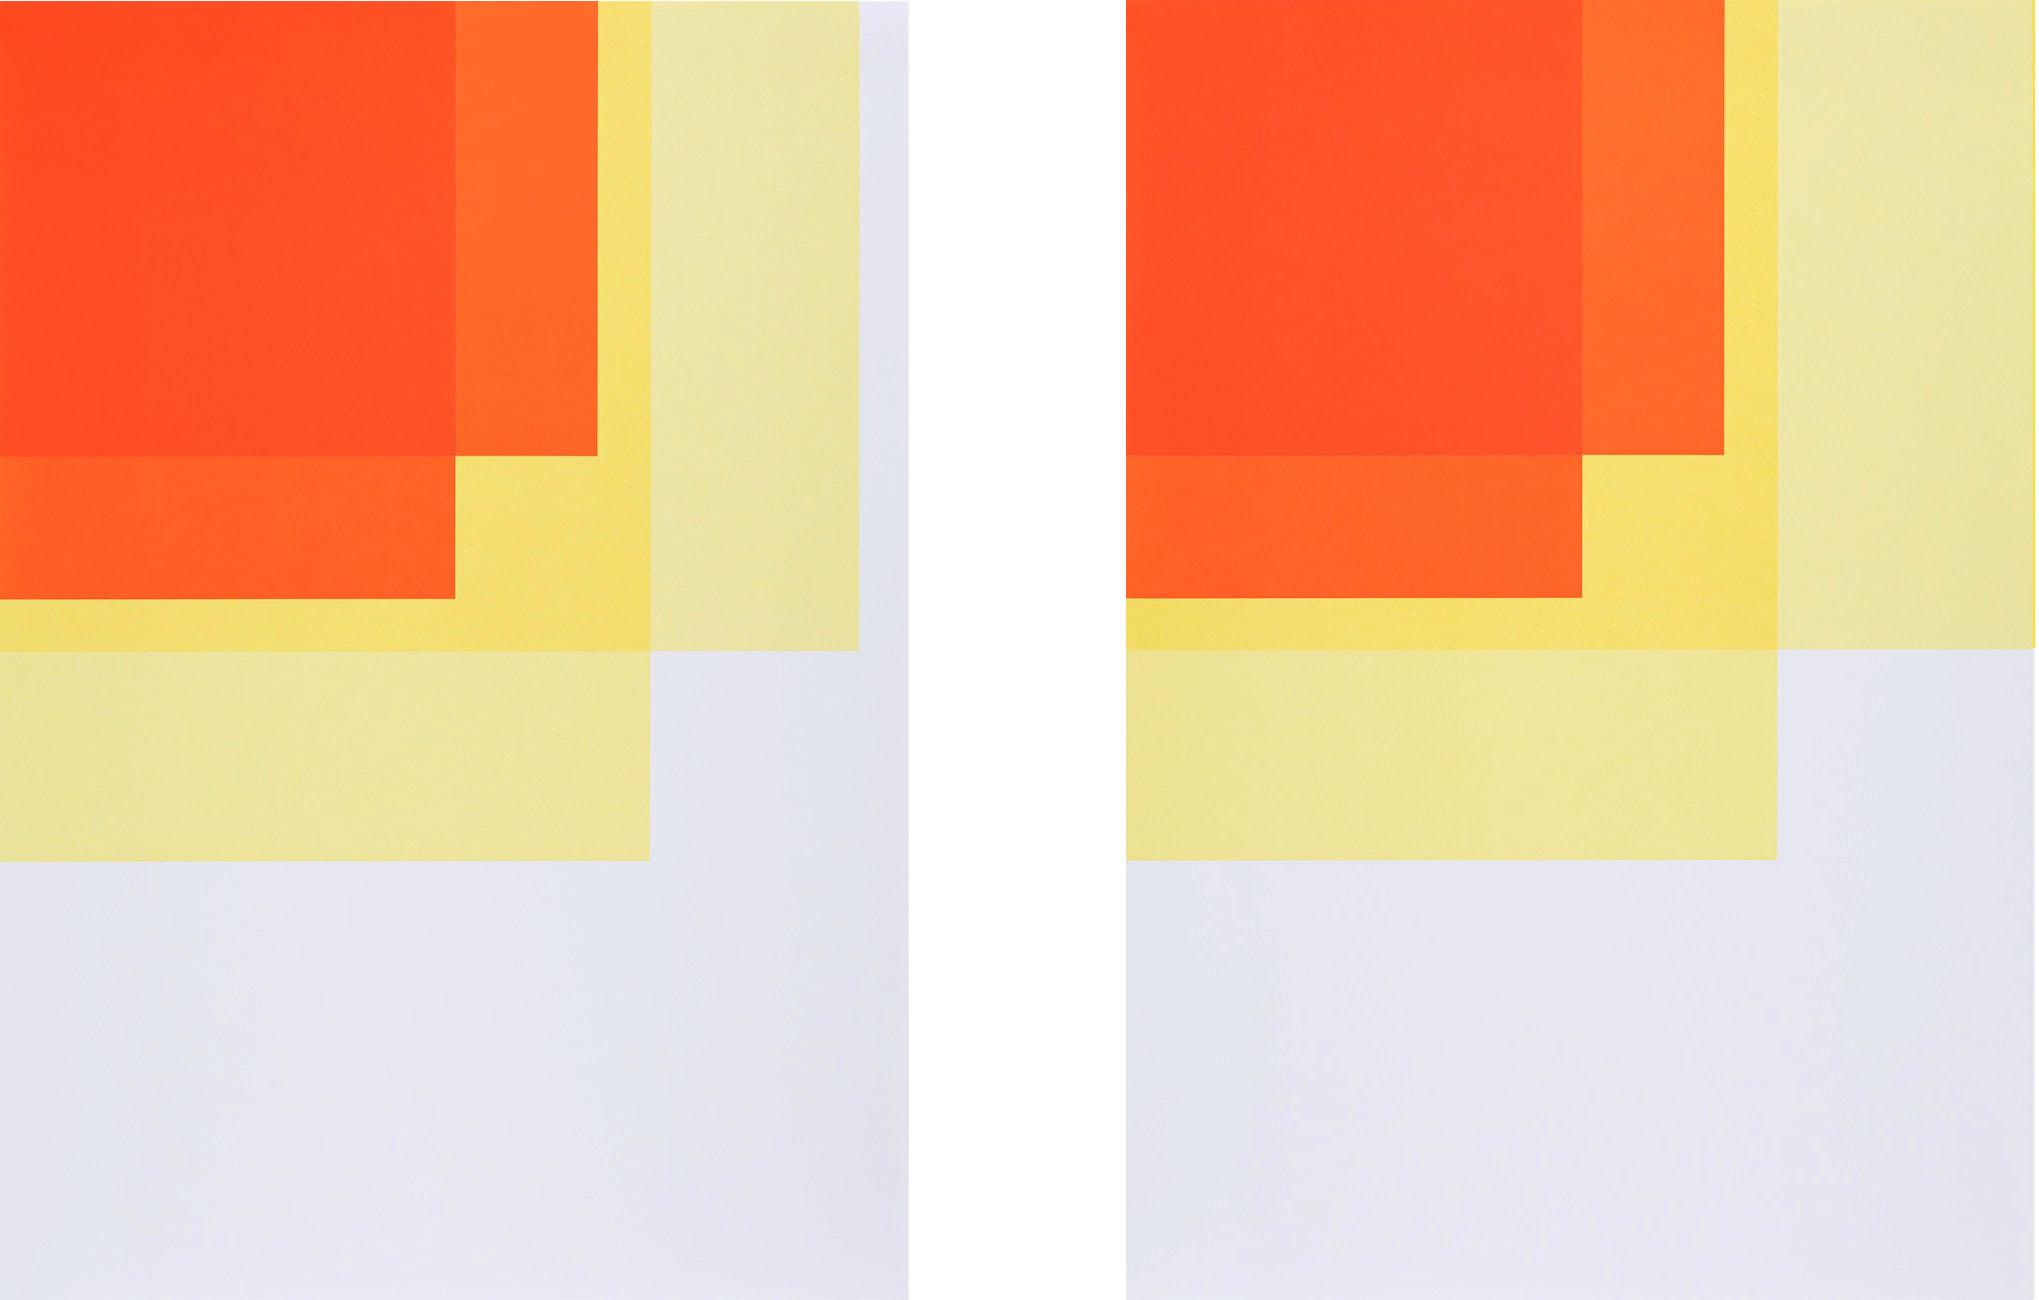 Collecting Colors (Orange/Yellow I + II), 2016. Silkscreen print 100 x 70 cm. Ed. 4